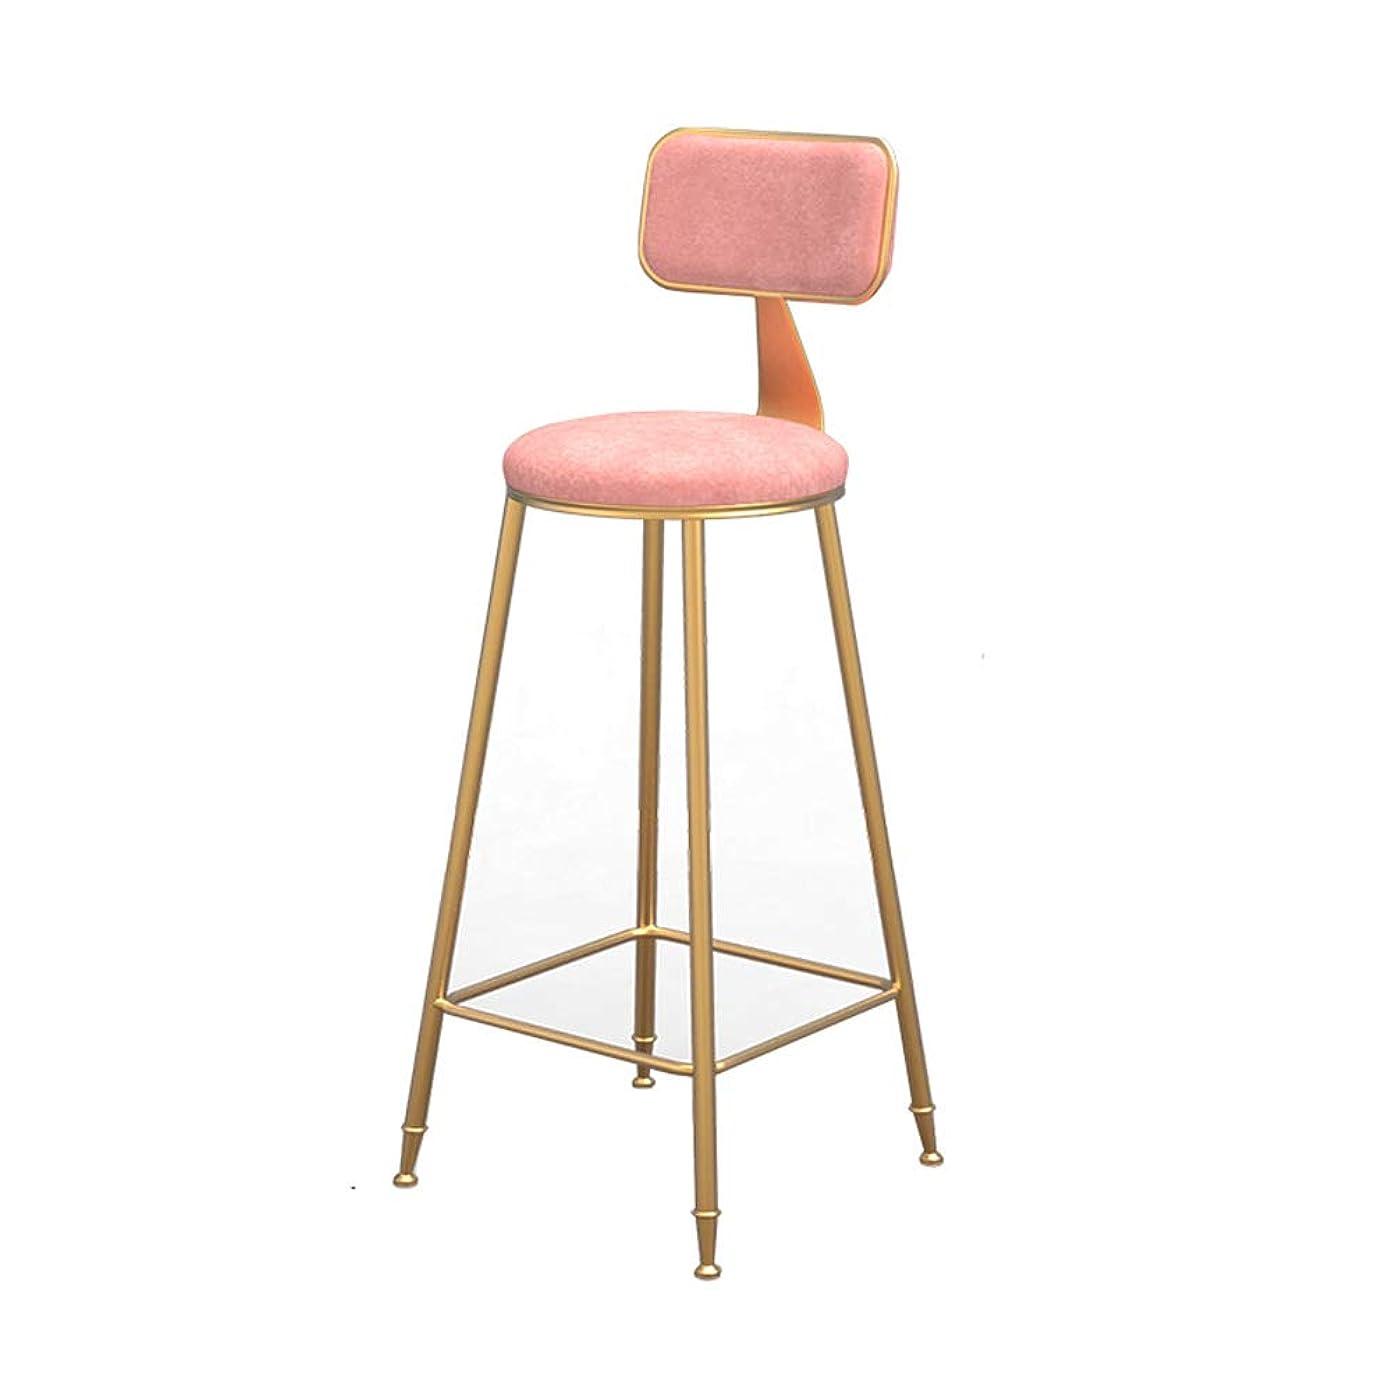 メタン摩擦包帯XINGPING-Furniture 北欧インシンプルバーチェアレジャーチェアバーチェアハイフットスツールネットレッドチェアバースツールダイニングルームチェアバースツール (色 : ピンク, サイズ さいず : 65cm)